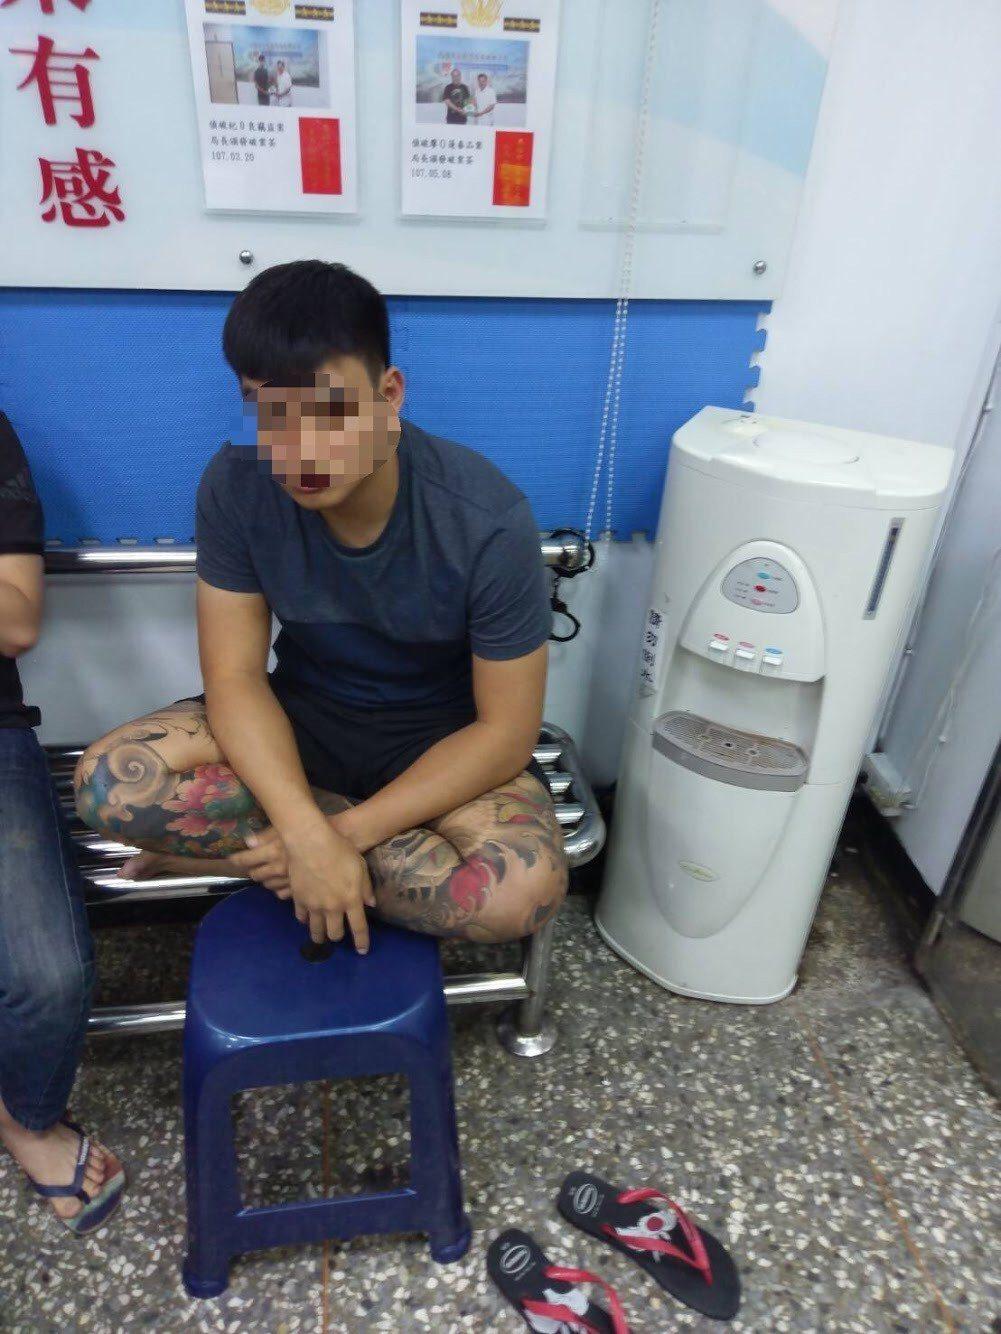 林姓男子與友人在騎樓拉K,被依毒品危害防制條例送辦。記者張媛榆/翻攝